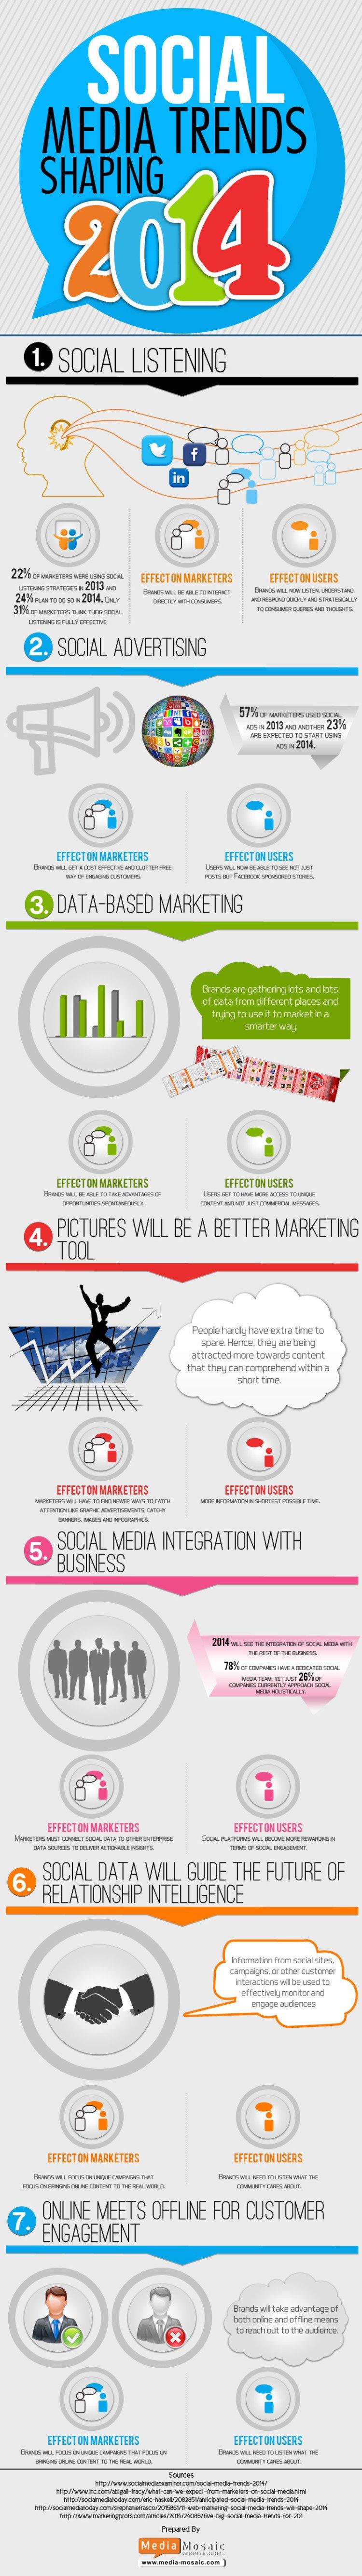 Social-Media-Shaping-Trends-20141